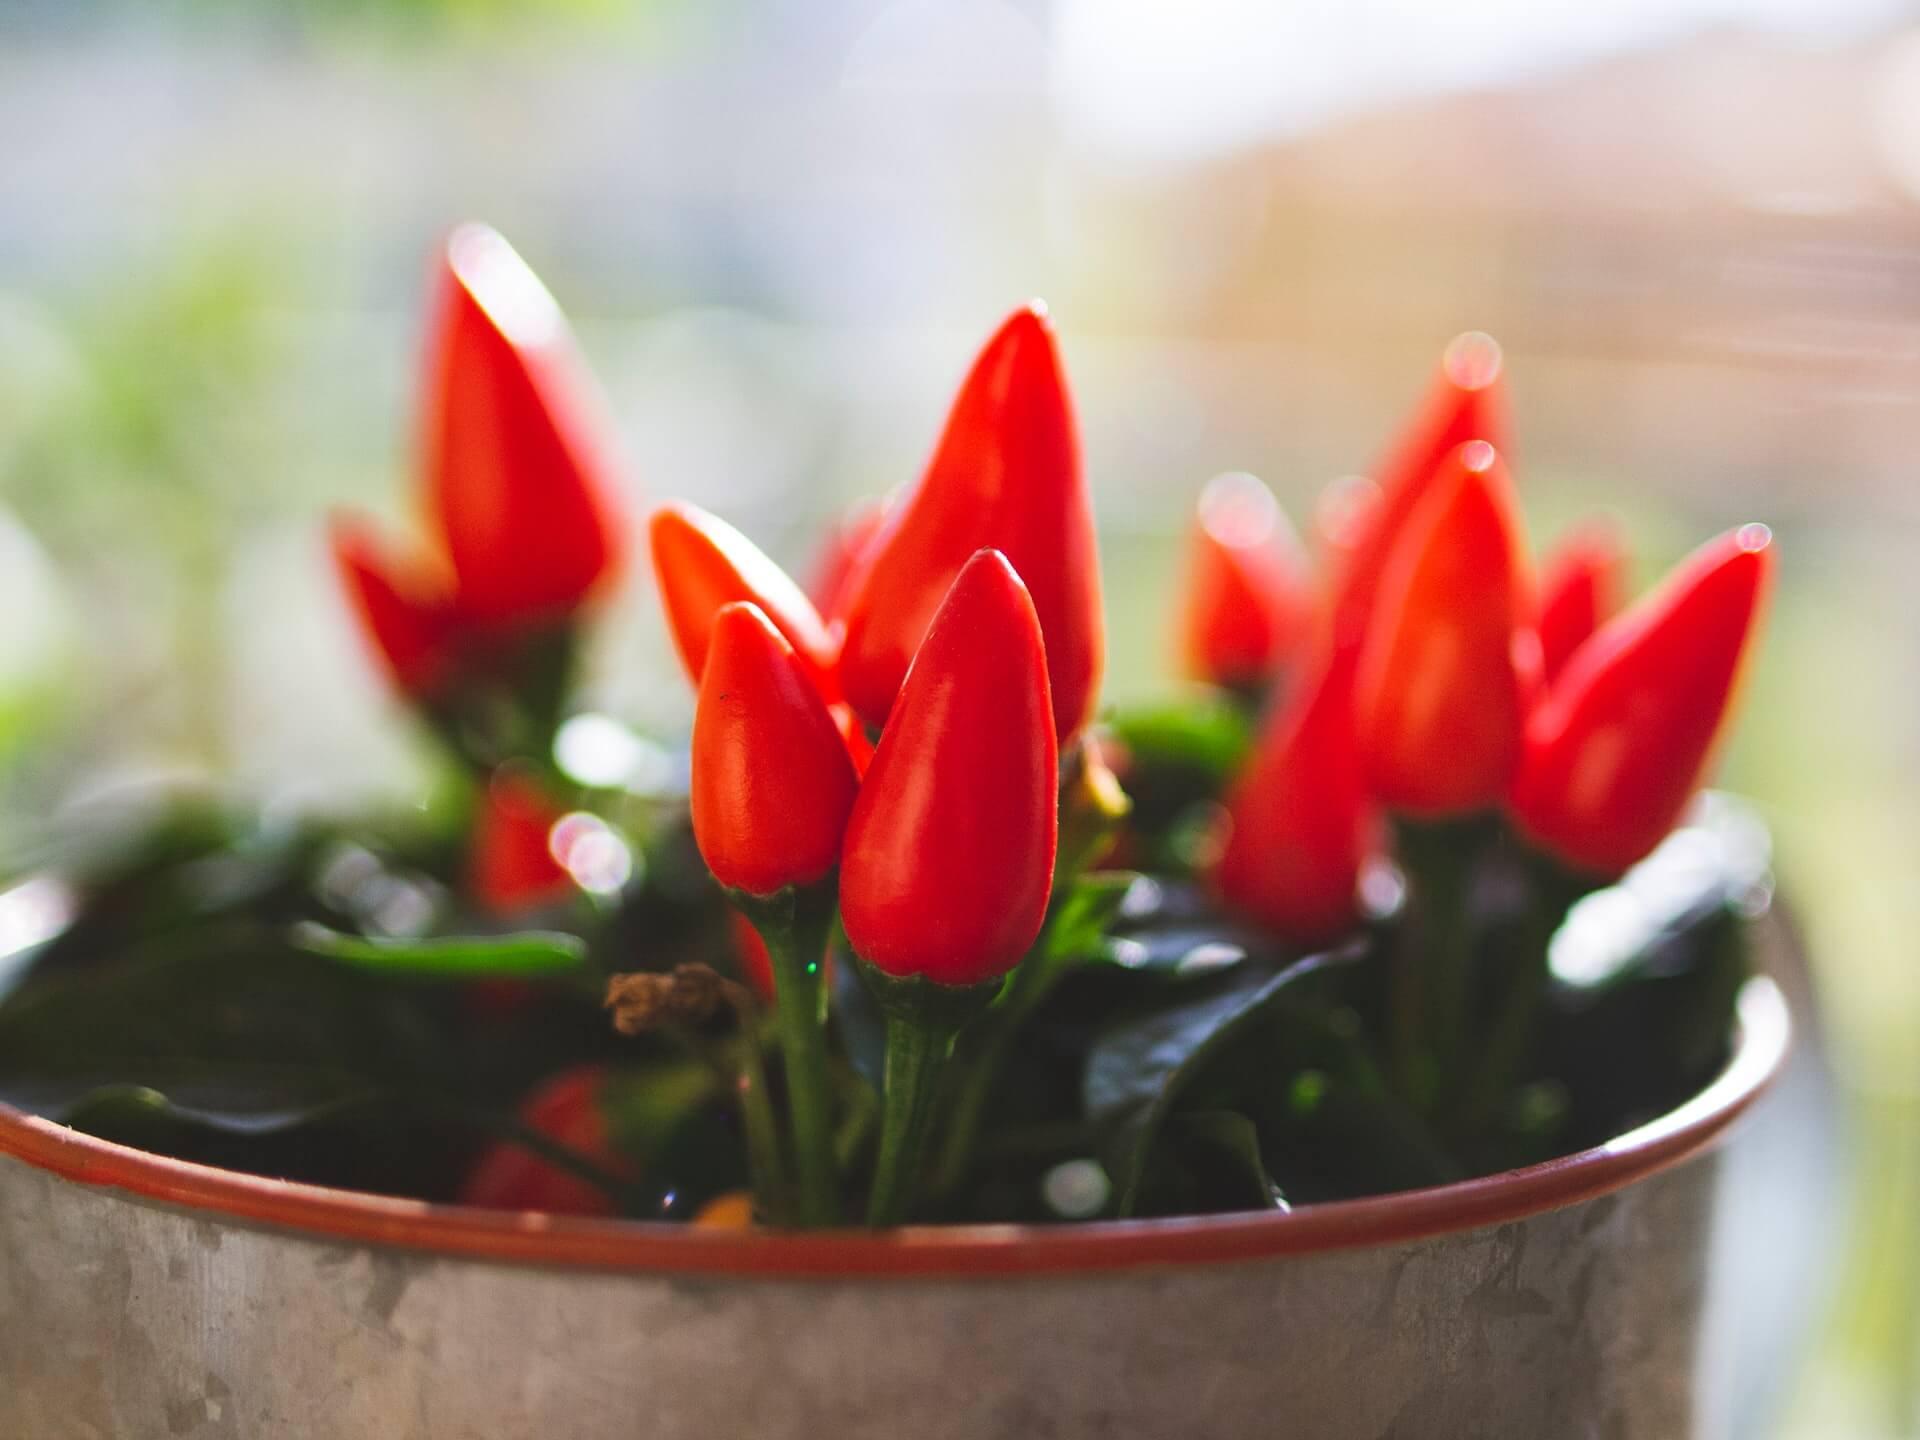 Η εποχιακή καλλωπιστική πιπεριά με τους κατακόκκινους καρπούς είναι πολύ δημοφιλής.